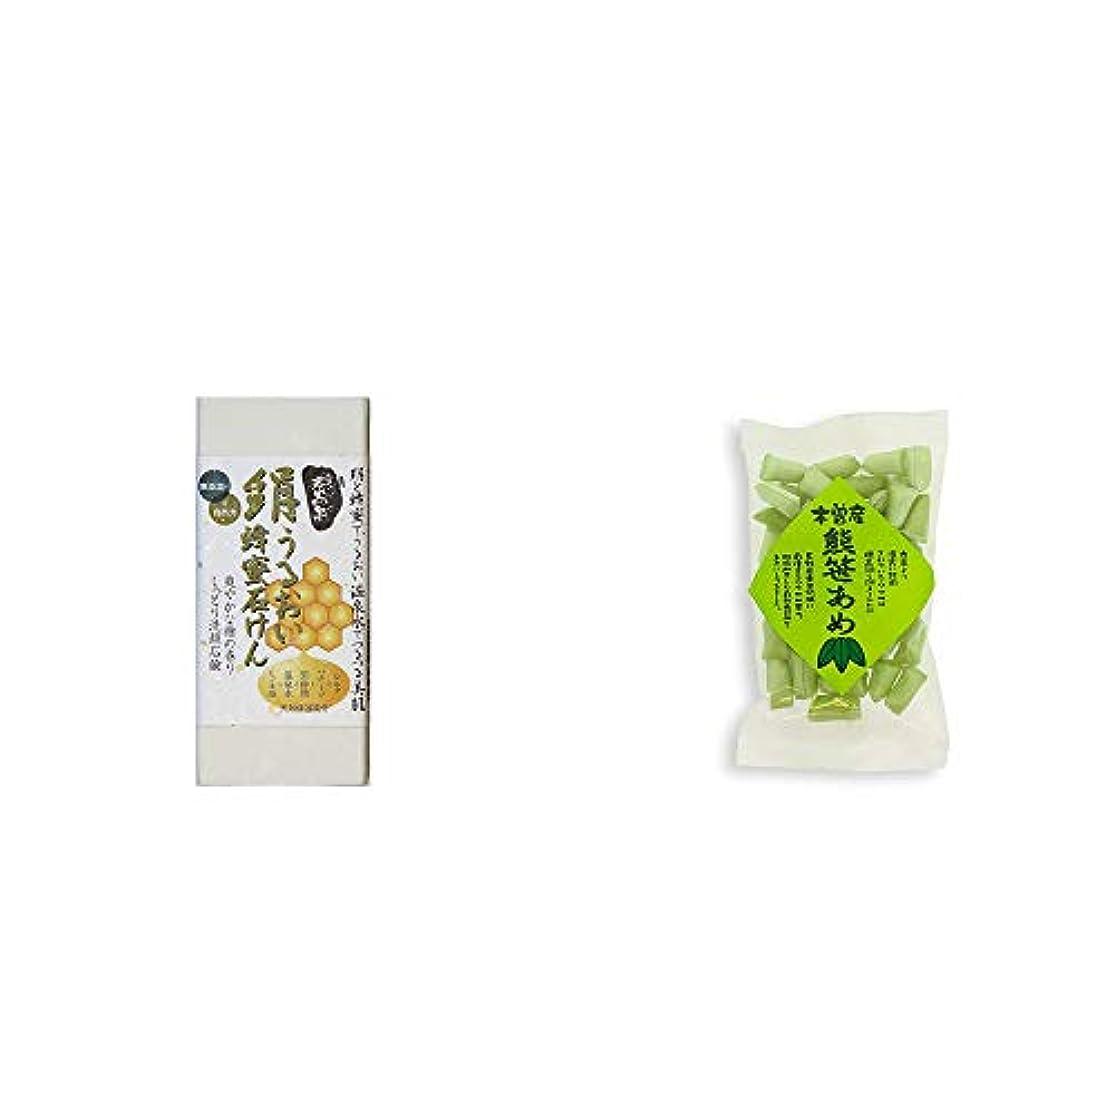 シーサイド表示に対応[2点セット] ひのき炭黒泉 絹うるおい蜂蜜石けん(75g×2)?木曽産 熊笹あめ(100g)